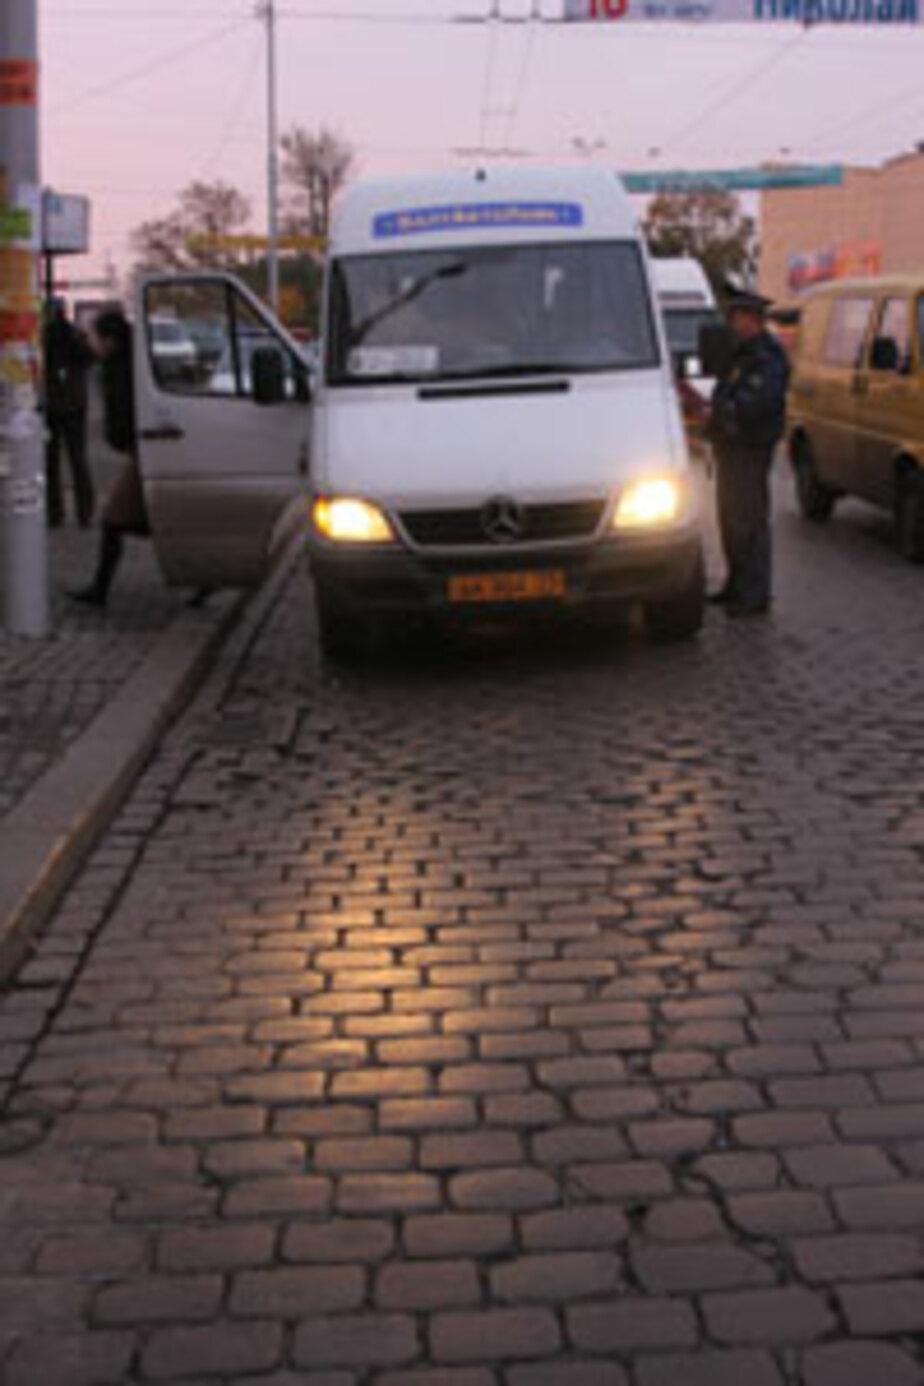 В Калининграде экипаж ДПС устроил погоню за переполненной маршруткой - Новости Калининграда